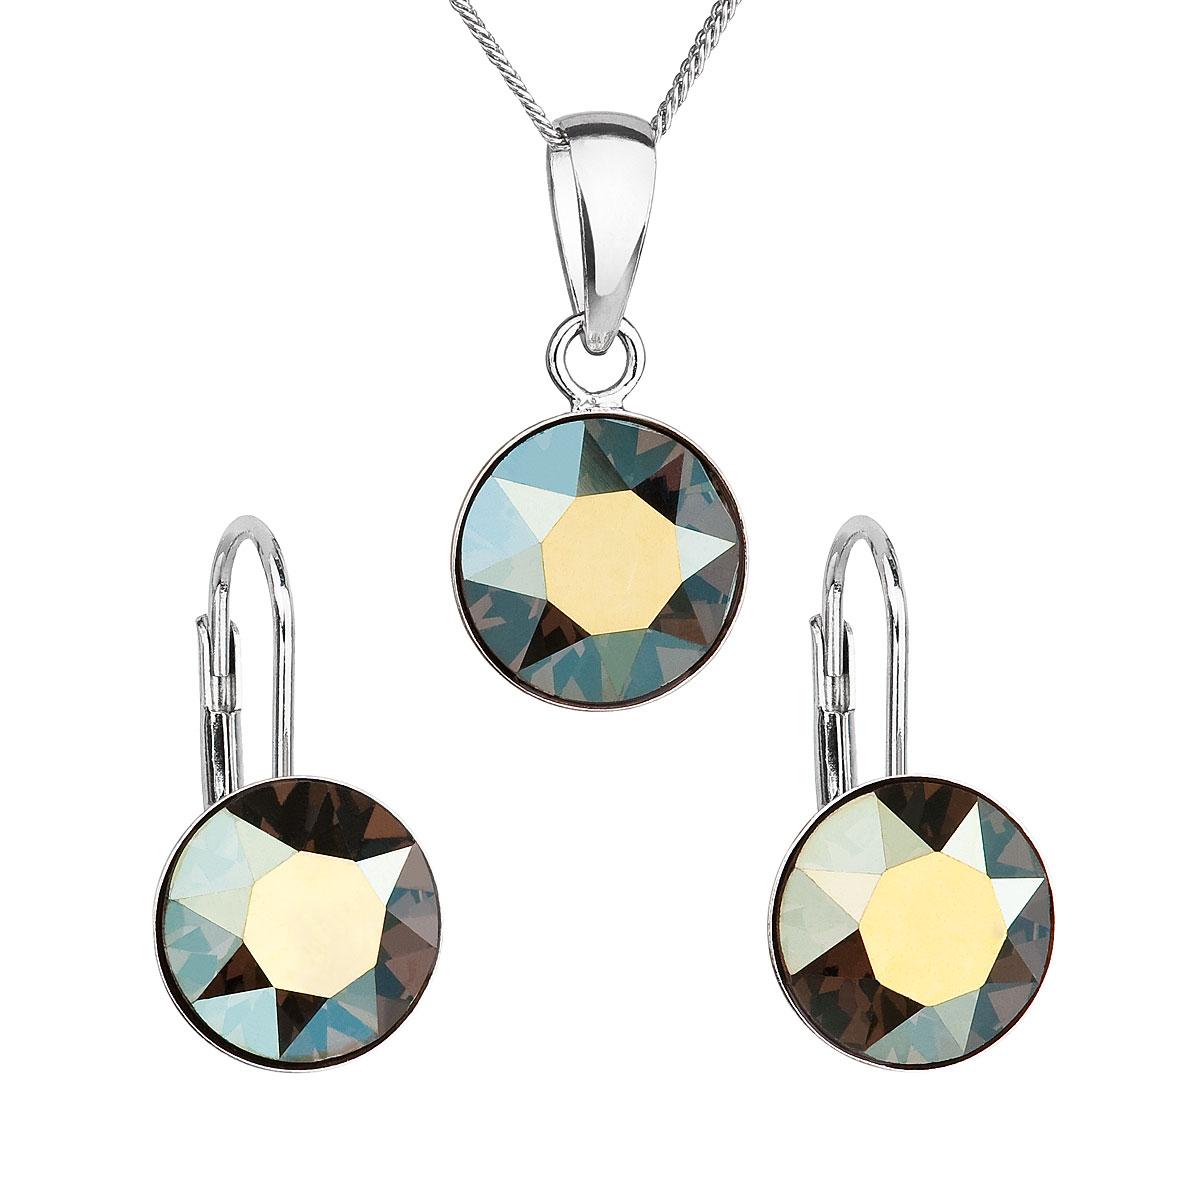 Sada šperků s krystaly Swarovski náušnice, řetízek a přívěsek zelené kulaté 39140.3